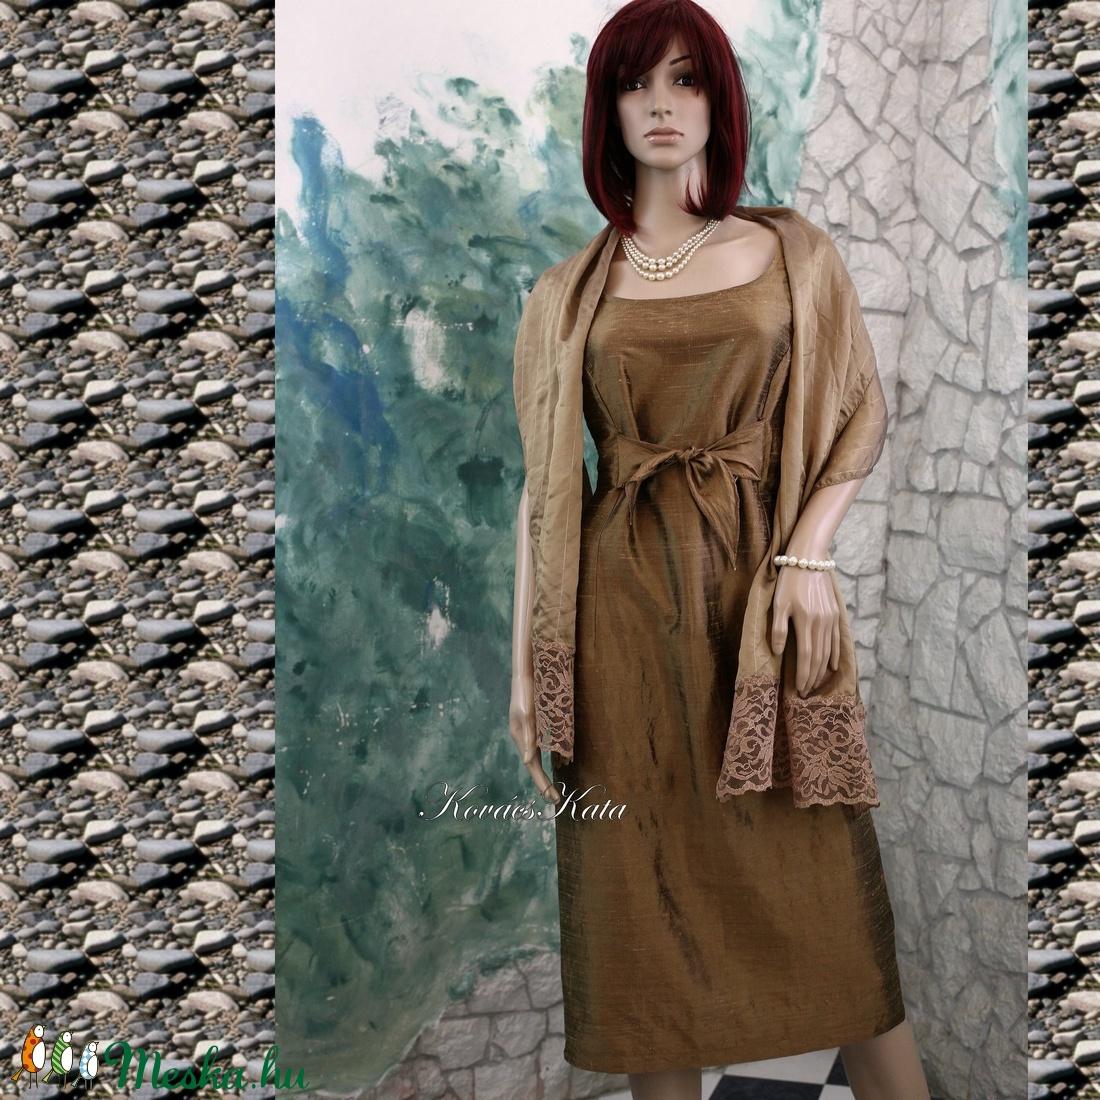 ... SHANTUNG örömanya ruha stólával (Aranybrokat) - Meska.hu ... 4e358b302a